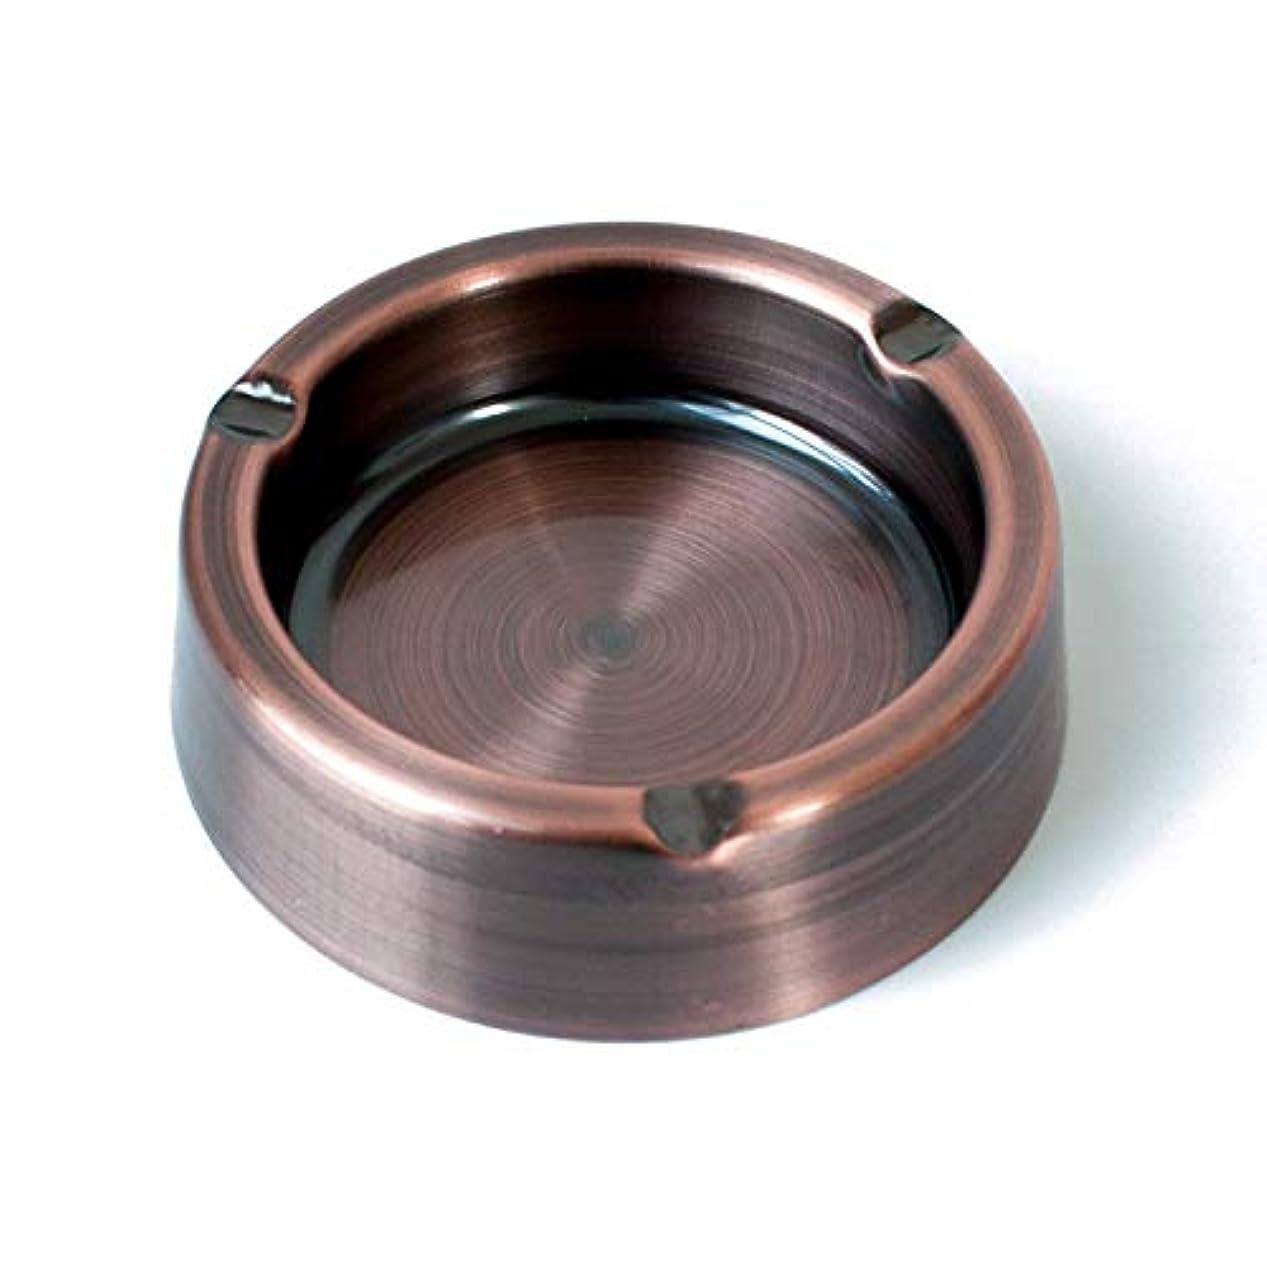 戦い吸い込む例示するタバコヴィンテージメタル灰皿用ステンレススチールクラシック灰皿 (Size : 5.9 in)